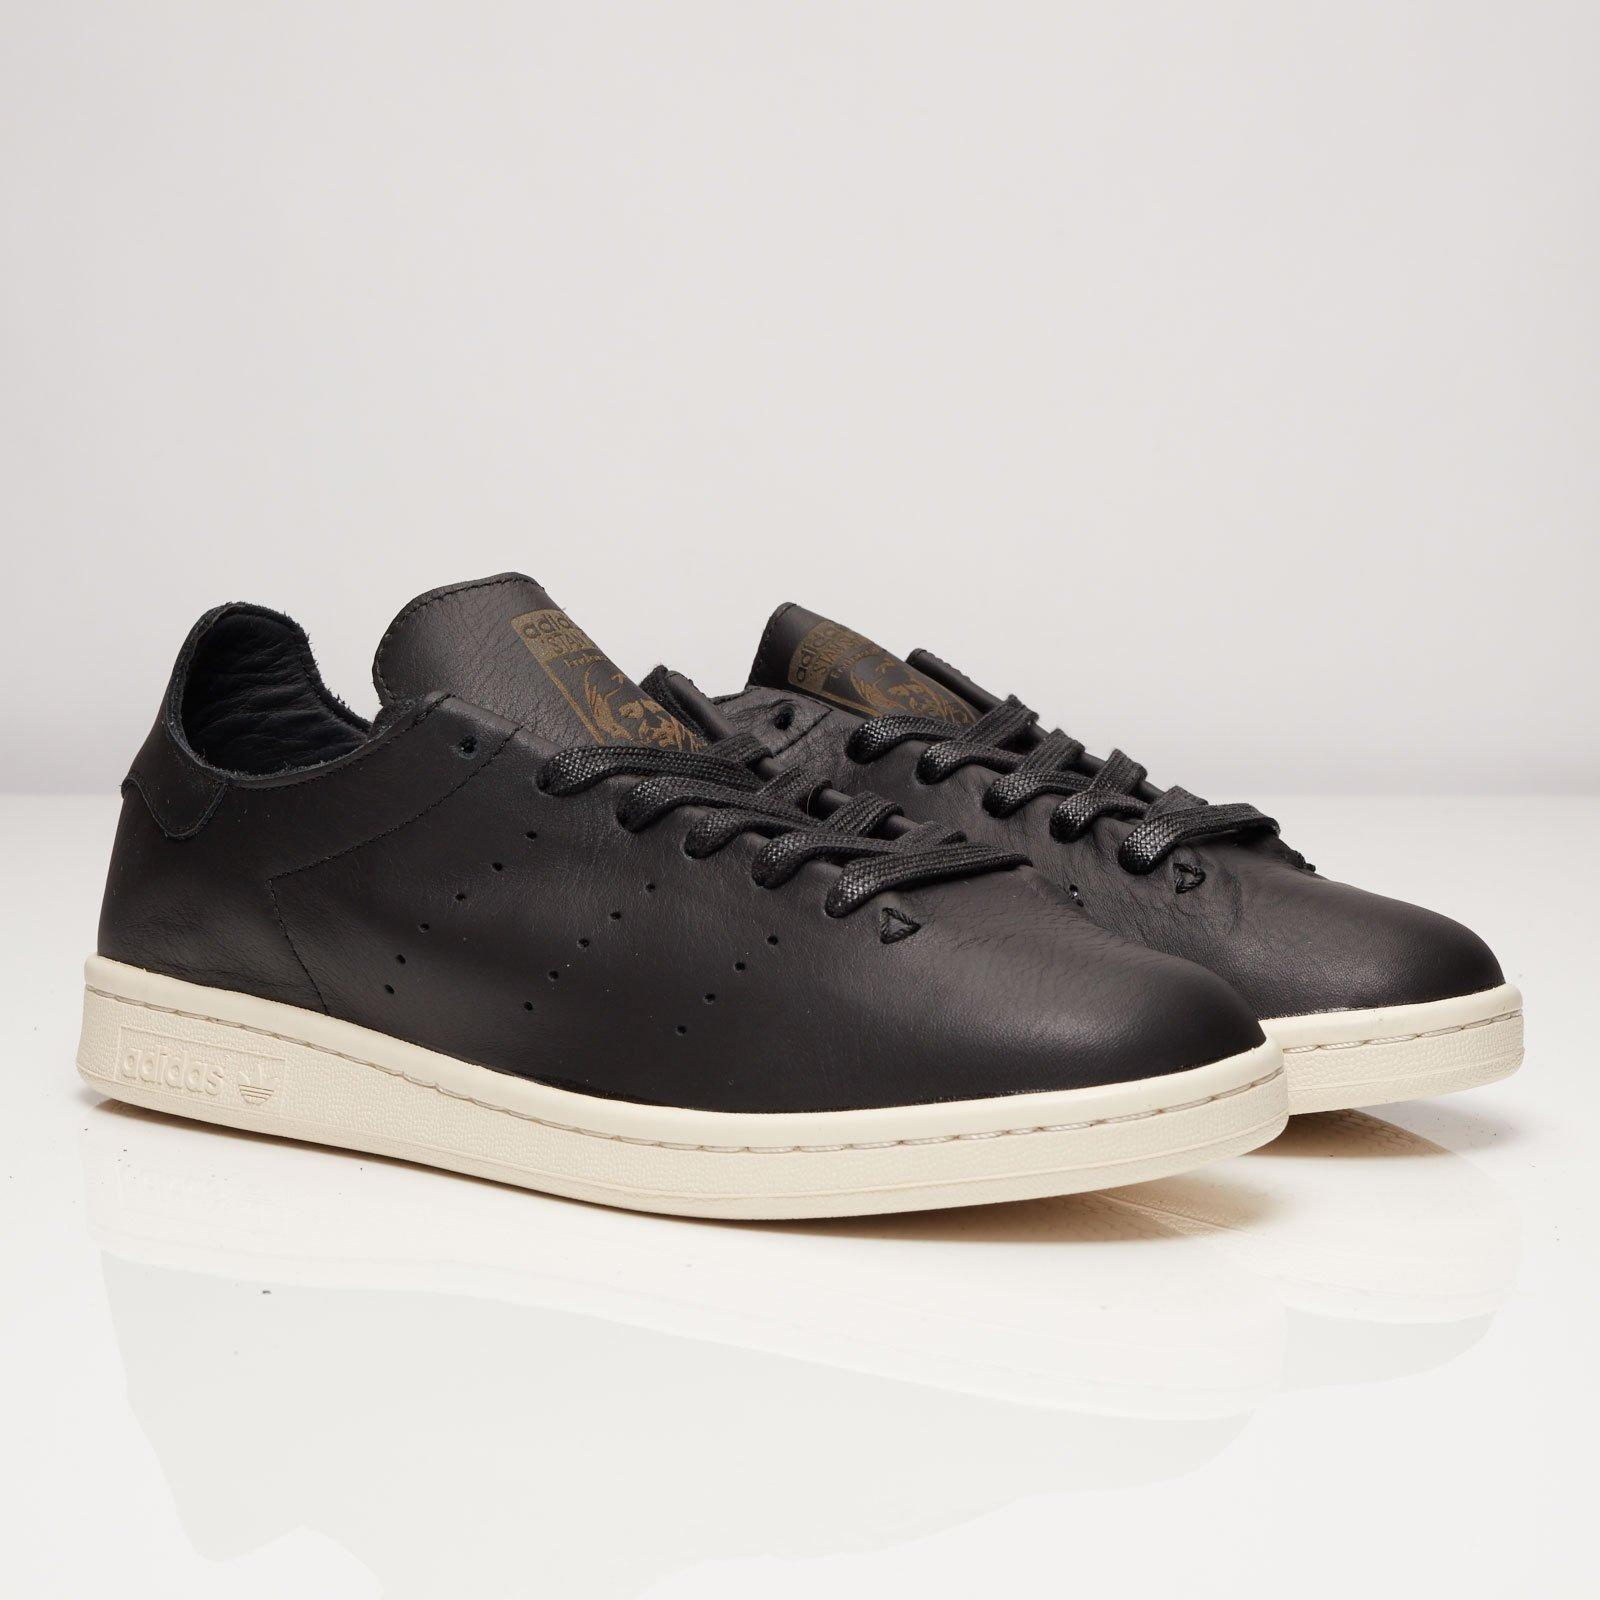 Adidas Stan Smith aq4788 sneakersnstuff zapatilla cuero